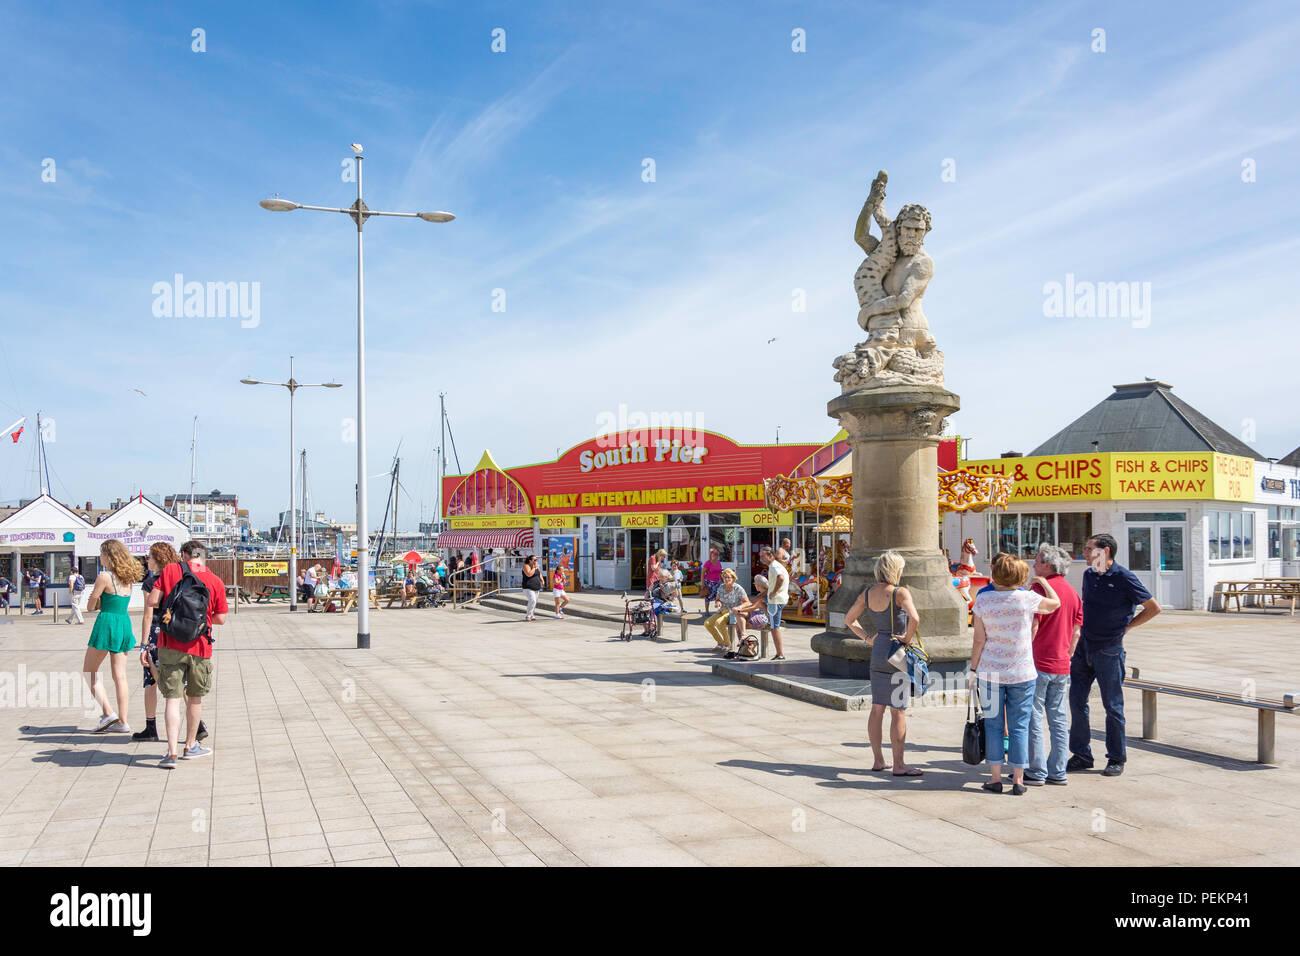 Centre de divertissement de South Pier et du Triton statue, Plaine Royale, Lowestoft Lowestoft, Plage, Suffolk, Angleterre, Royaume-Uni Photo Stock